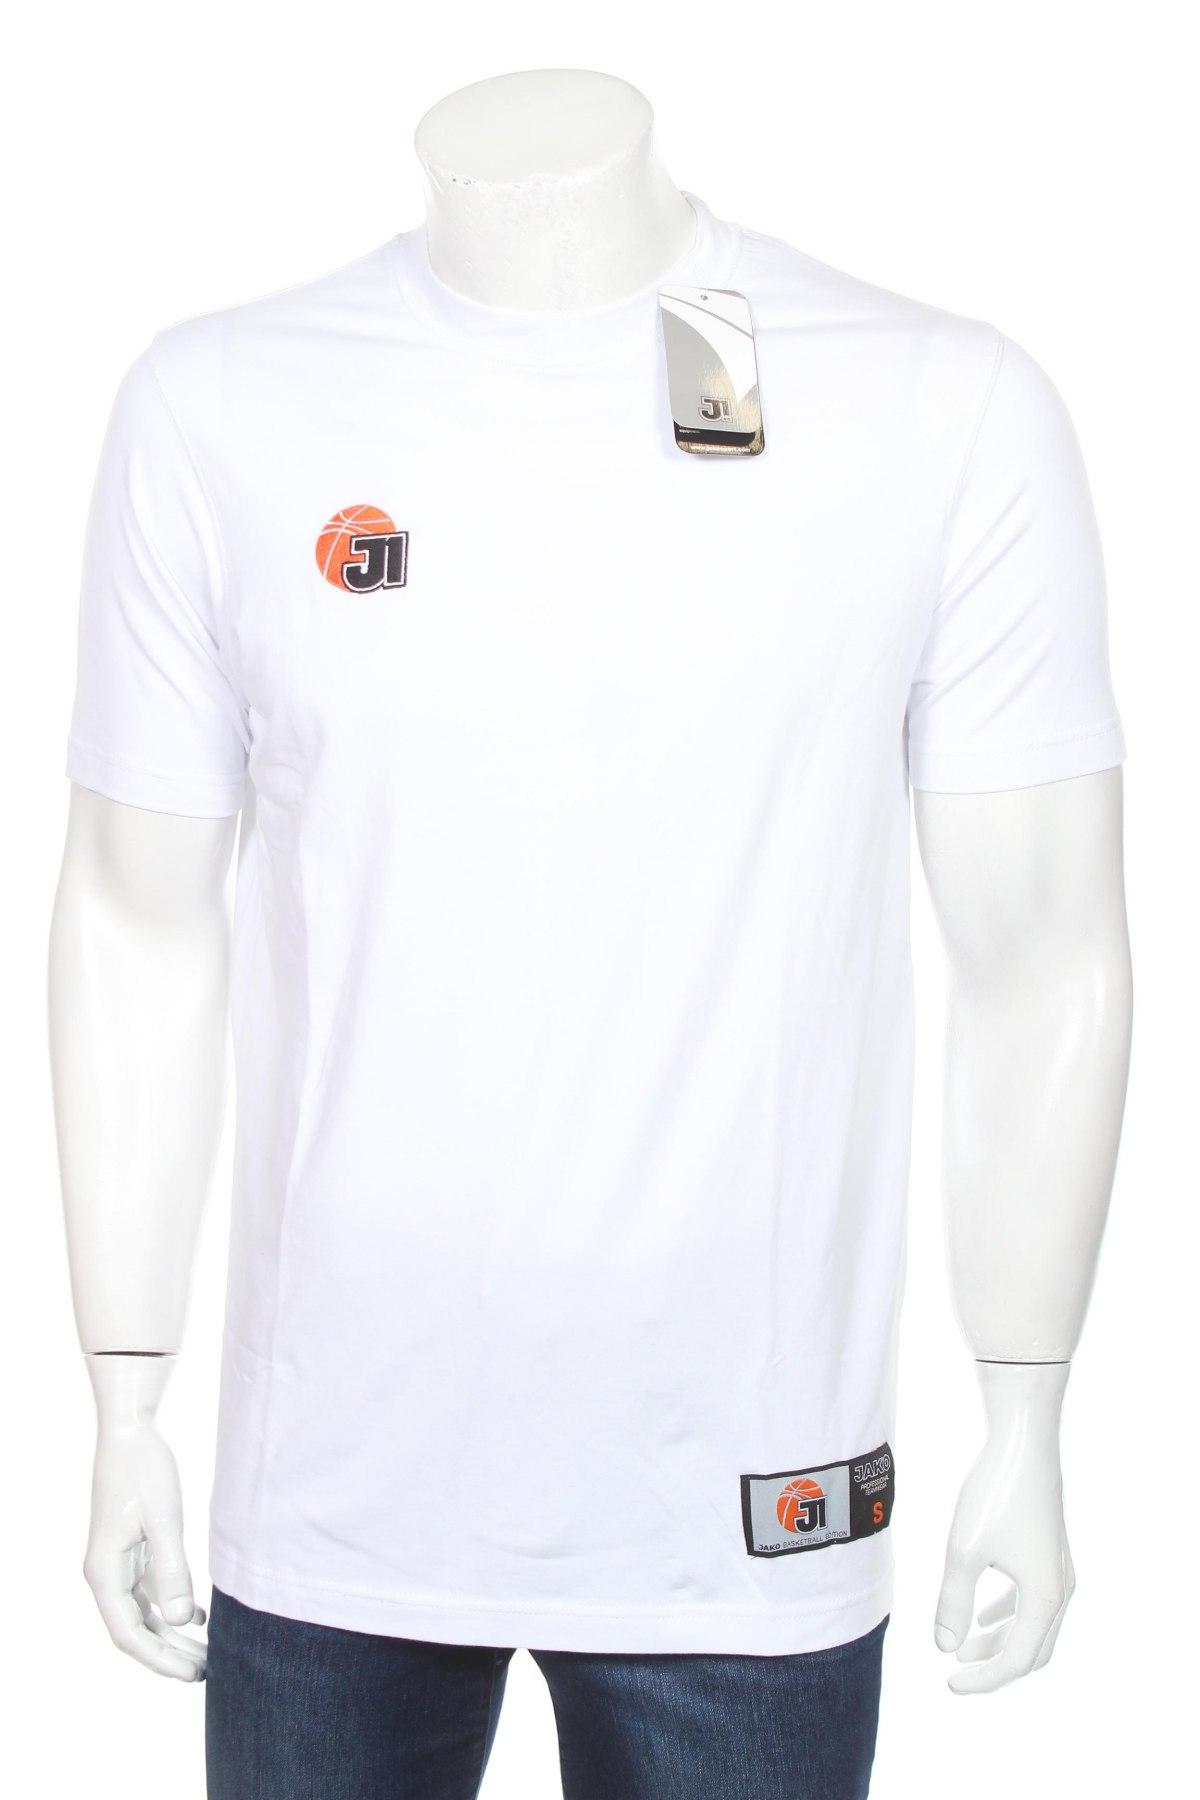 Мъжка тениска Jako, Размер S, Цвят Бял, 95% памук, 5% еластан, Цена 11,70лв.